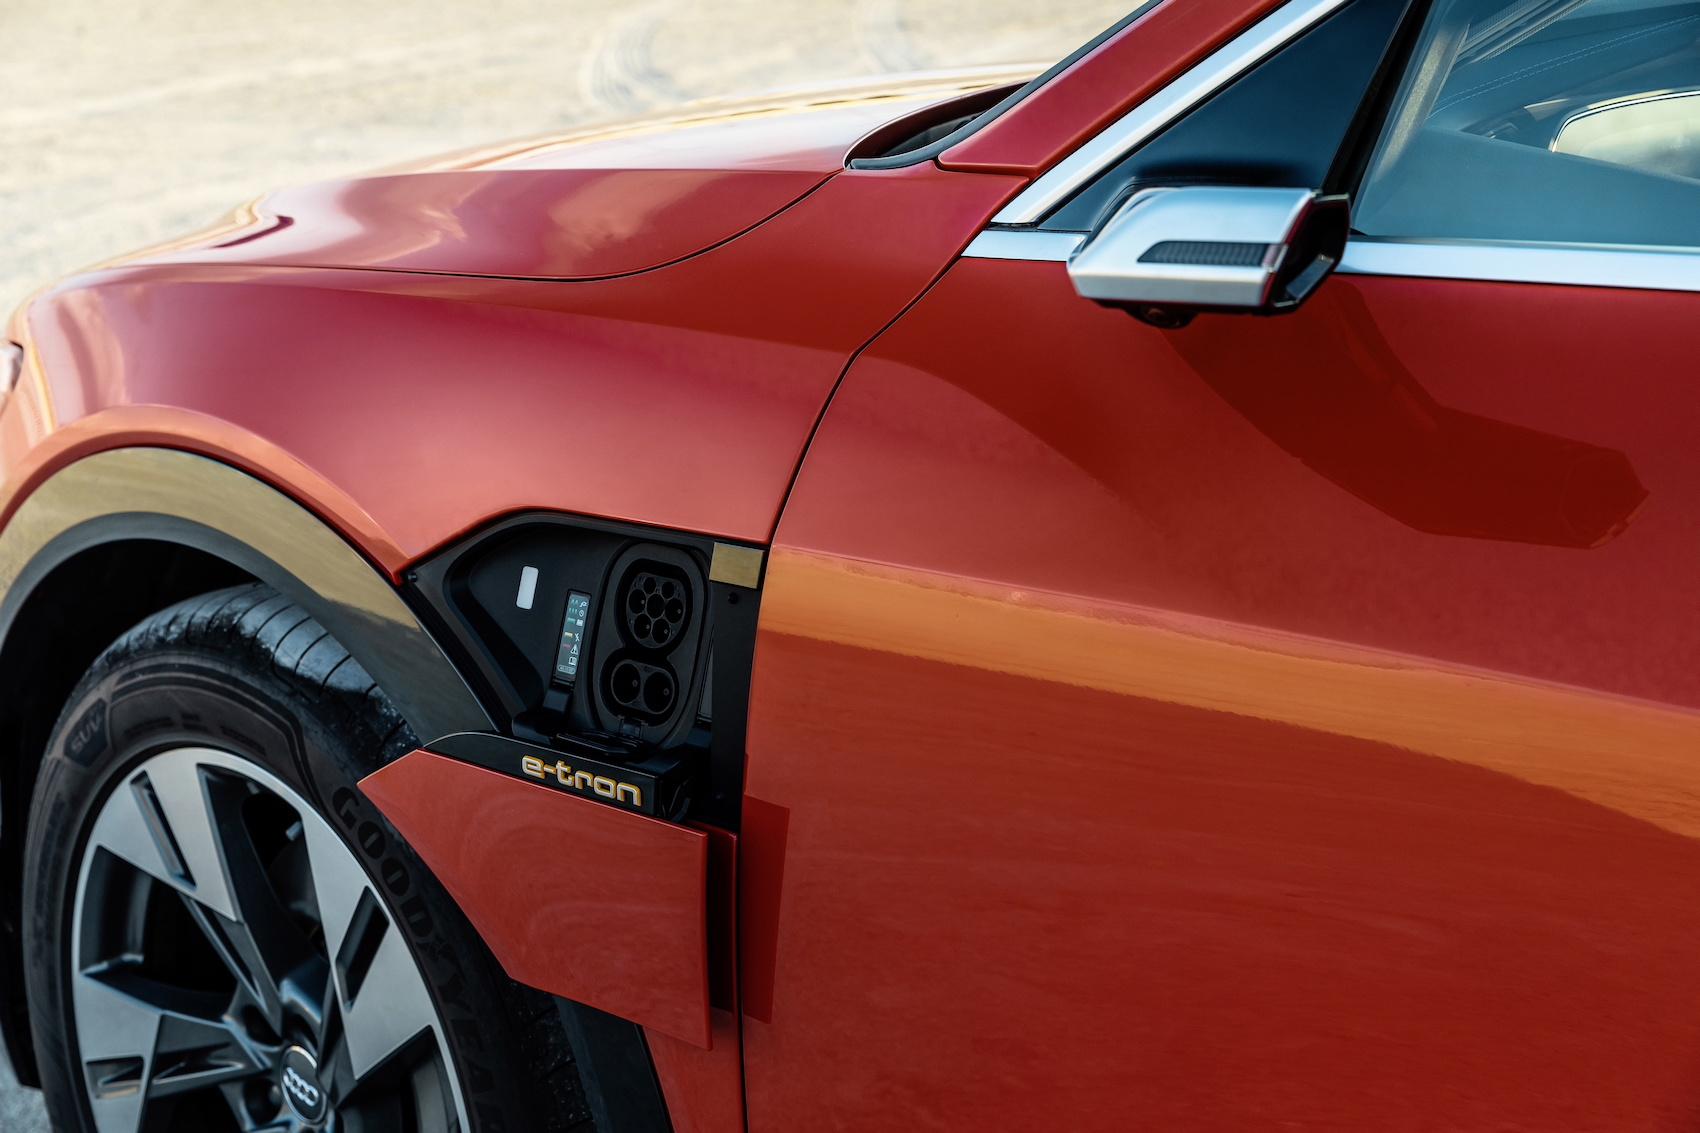 À un moment ou à un autre, toute voiture doit être raccordée au réseau: prise électrique d'une Audi e-tron – disponible en option sur les deux côtés du véhicule. (AUDI)